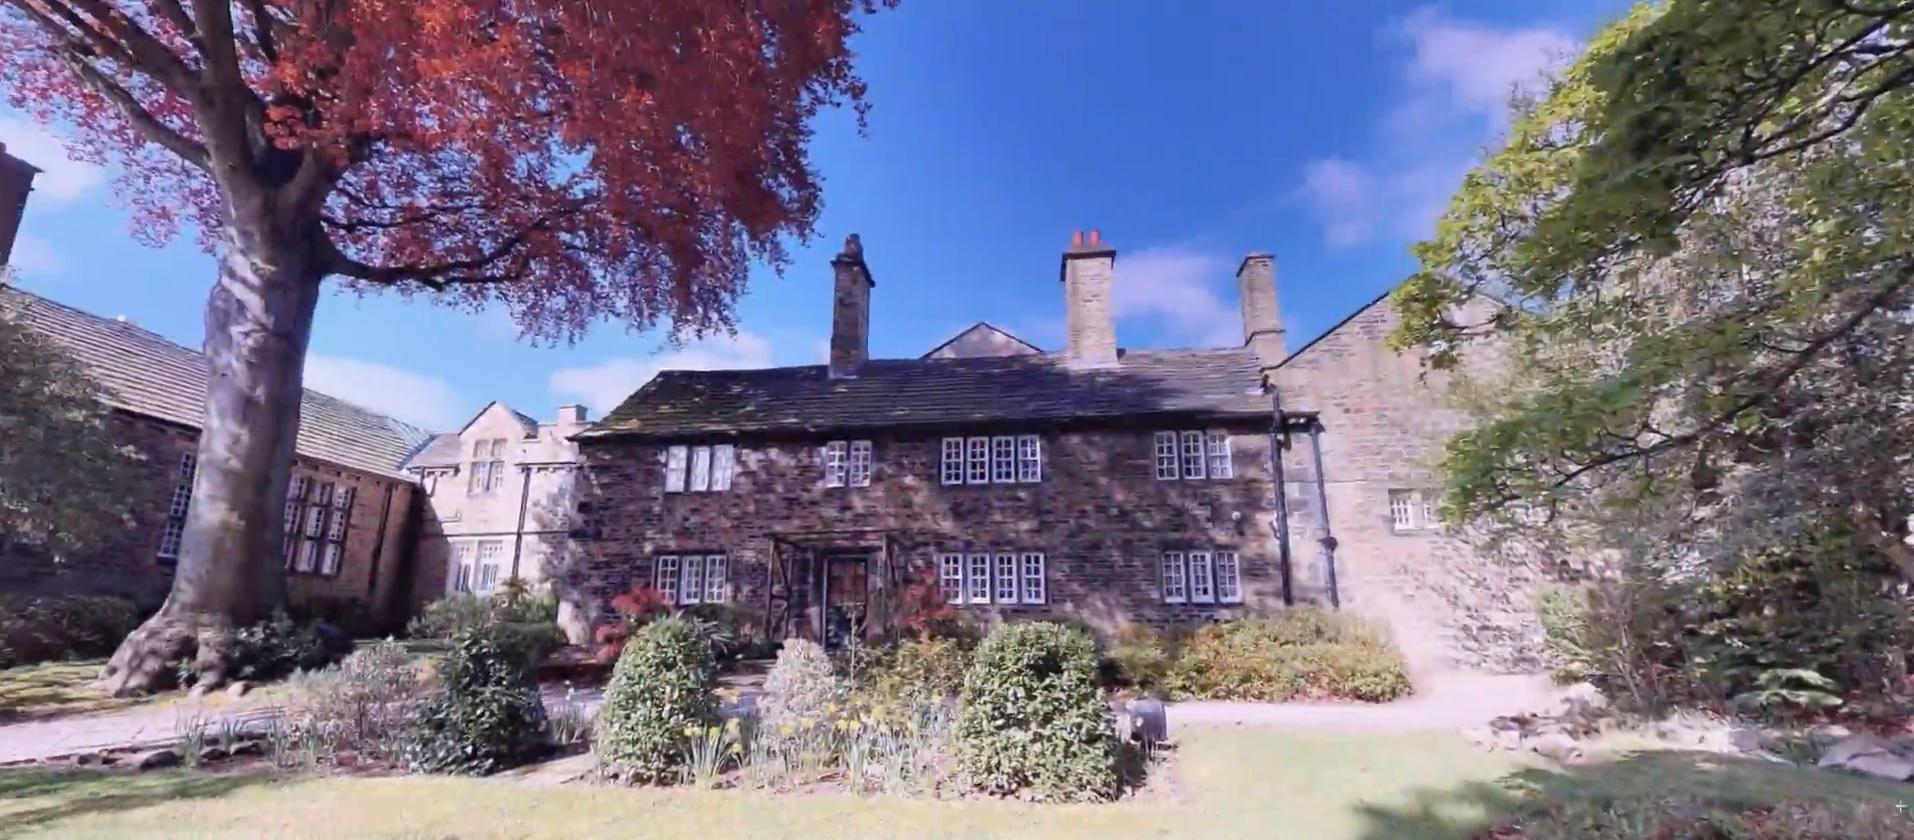 King James's School - Home